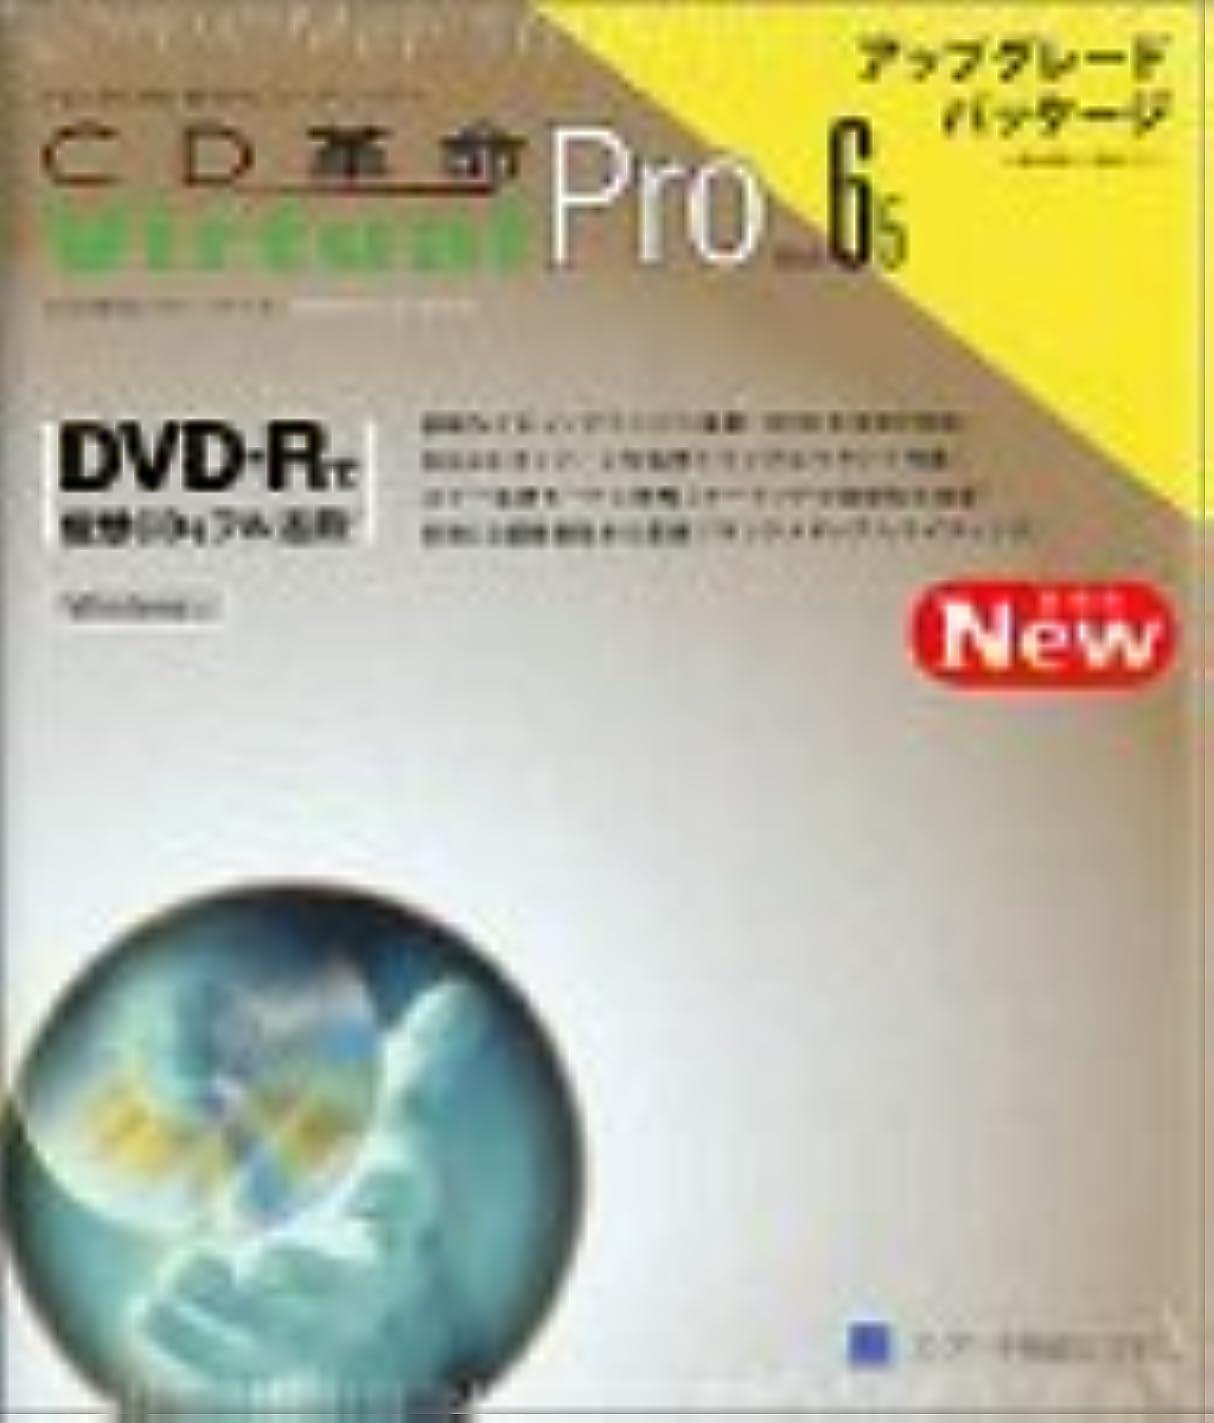 紳士気取りの、きざなプロット人柄CD革命 Virtual Pro Version 6.5 アップグレード版